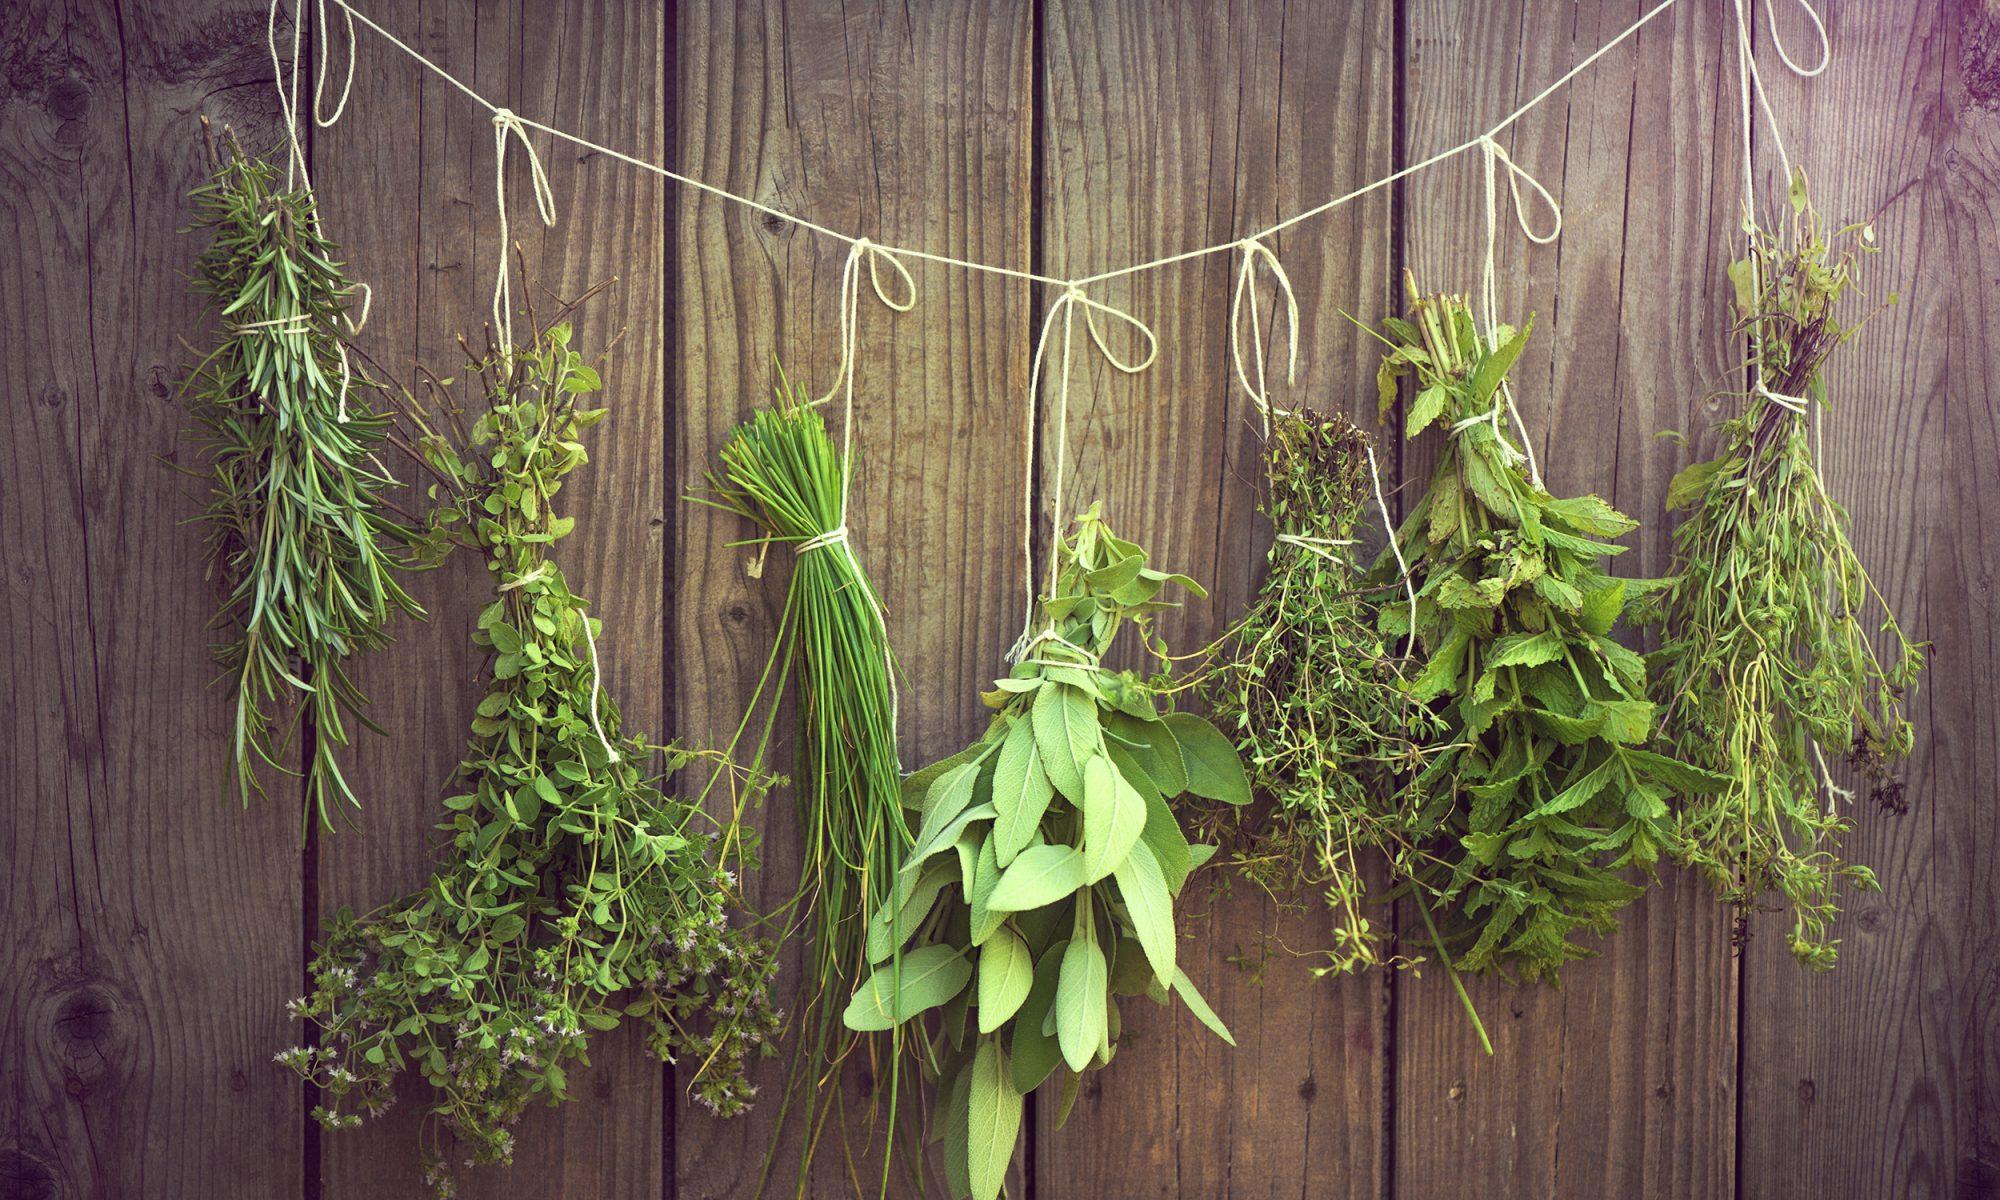 herb bundles on strings